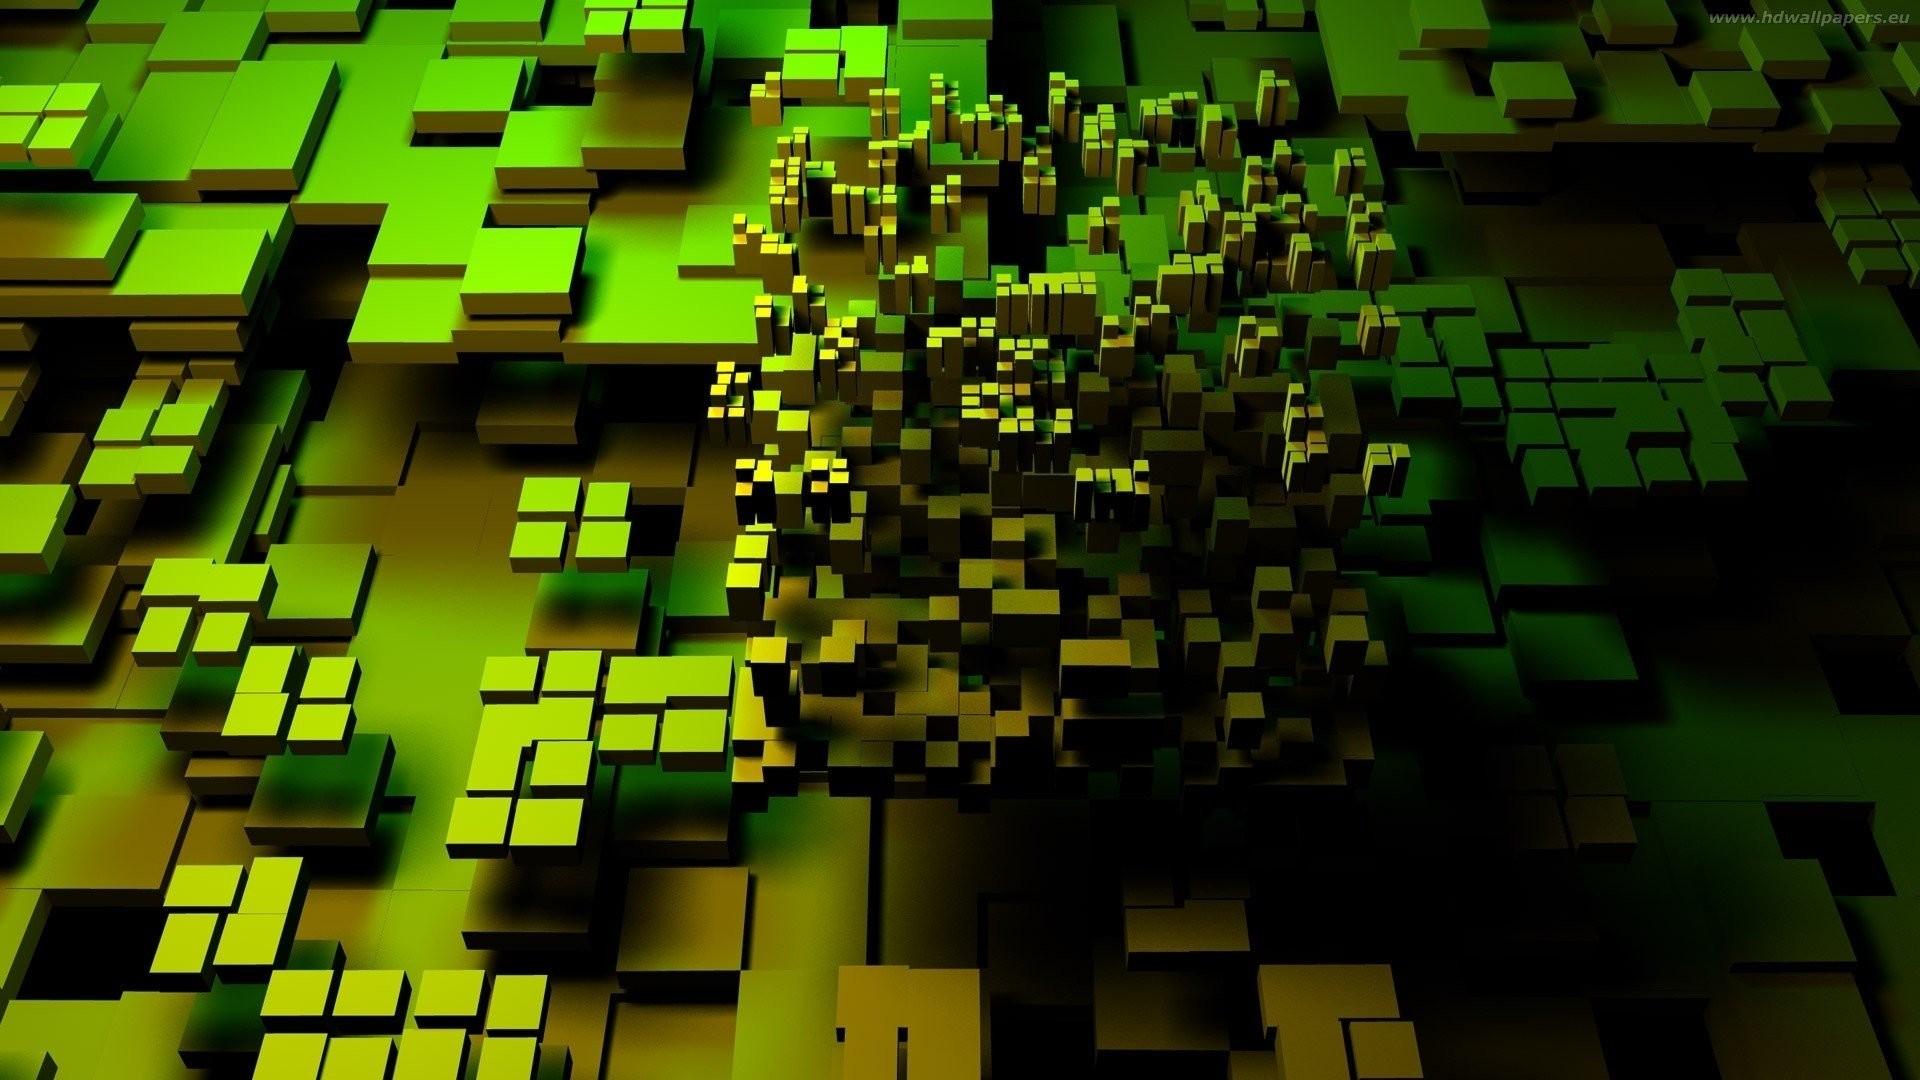 3d Hd Wallpaper Desktop Background Cool Widescreen Design